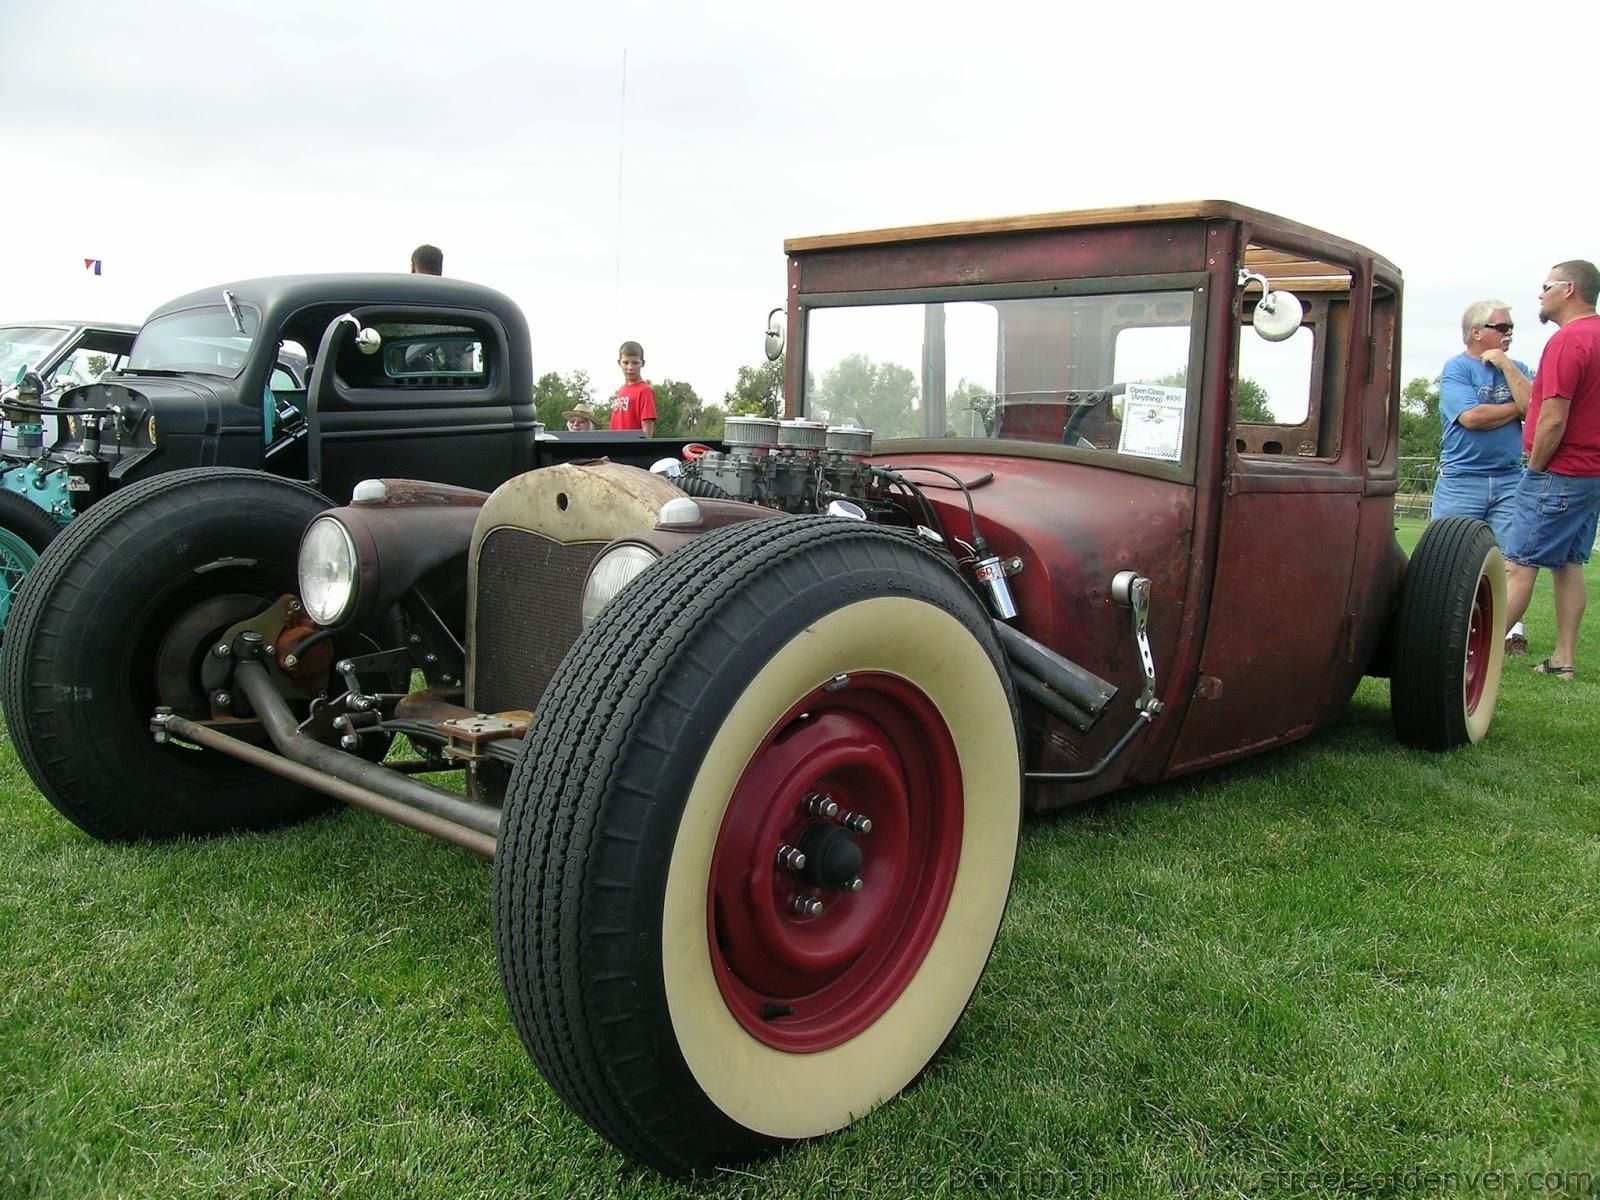 Streets Of Denver: 1926 Ford Model T Rat Rod